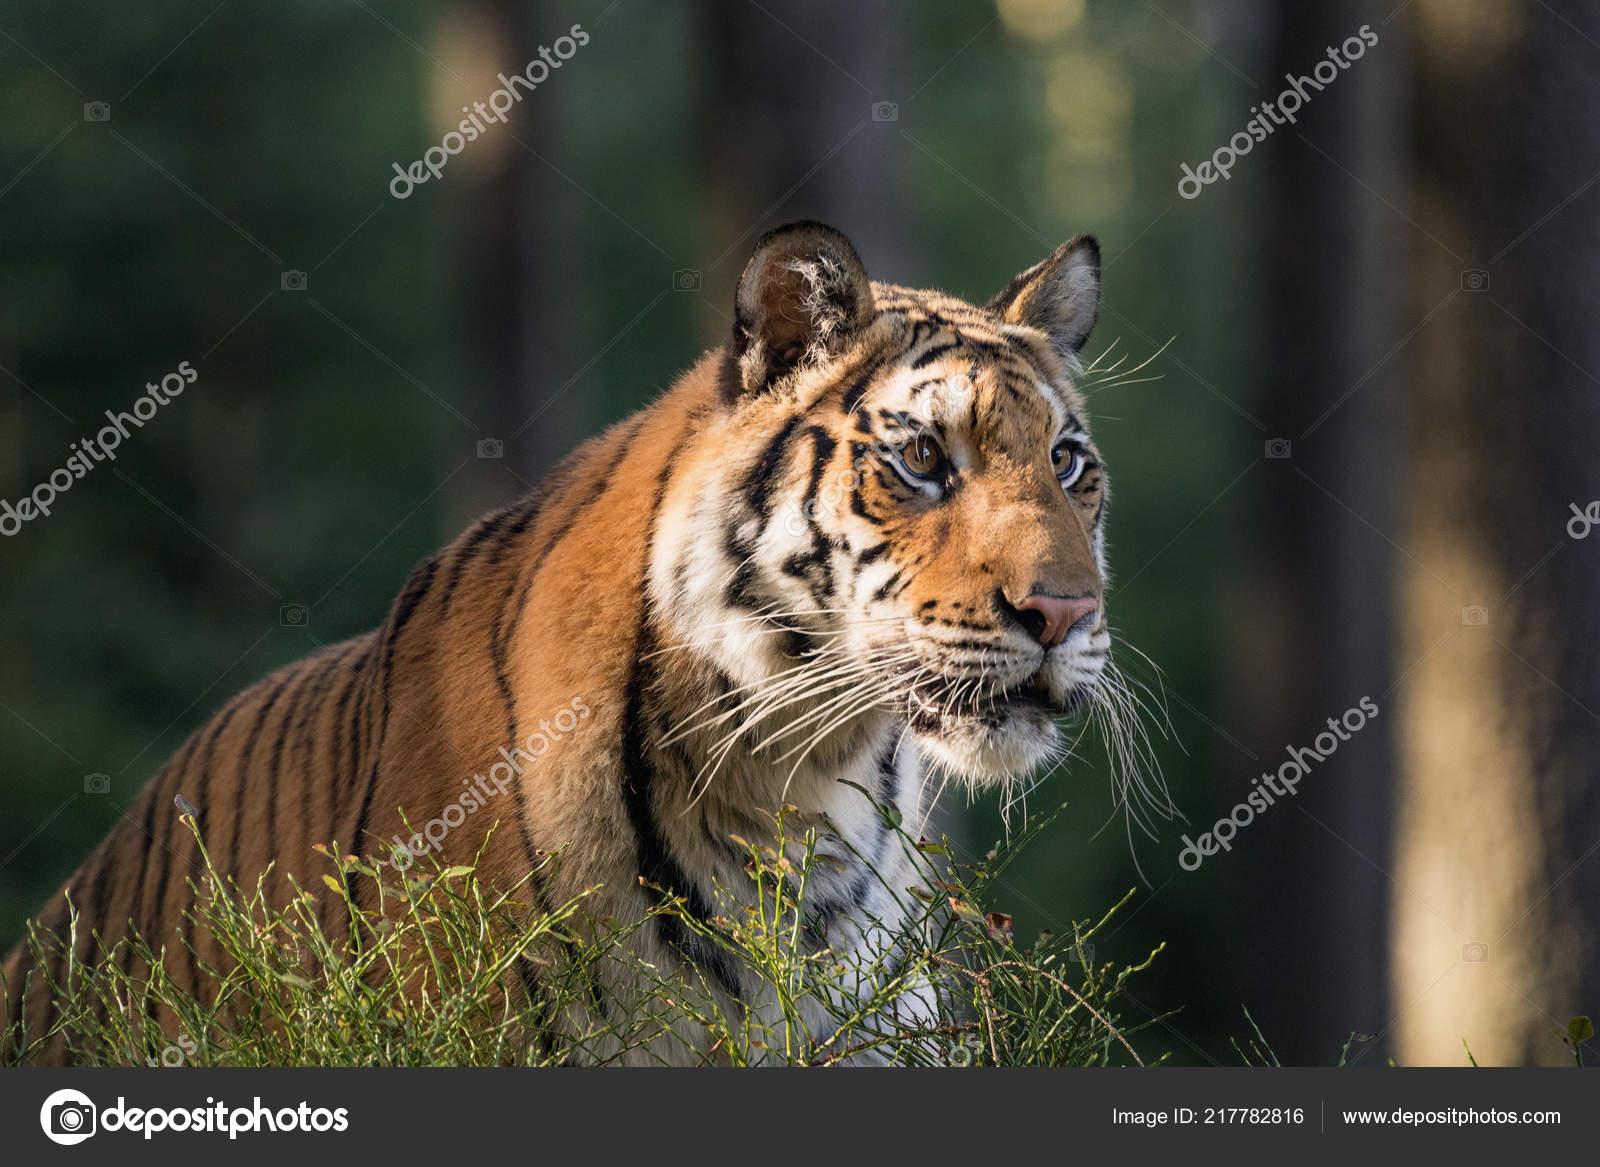 Retrato Tigre Tigre Tajga Horário Verão Tigre Natureza